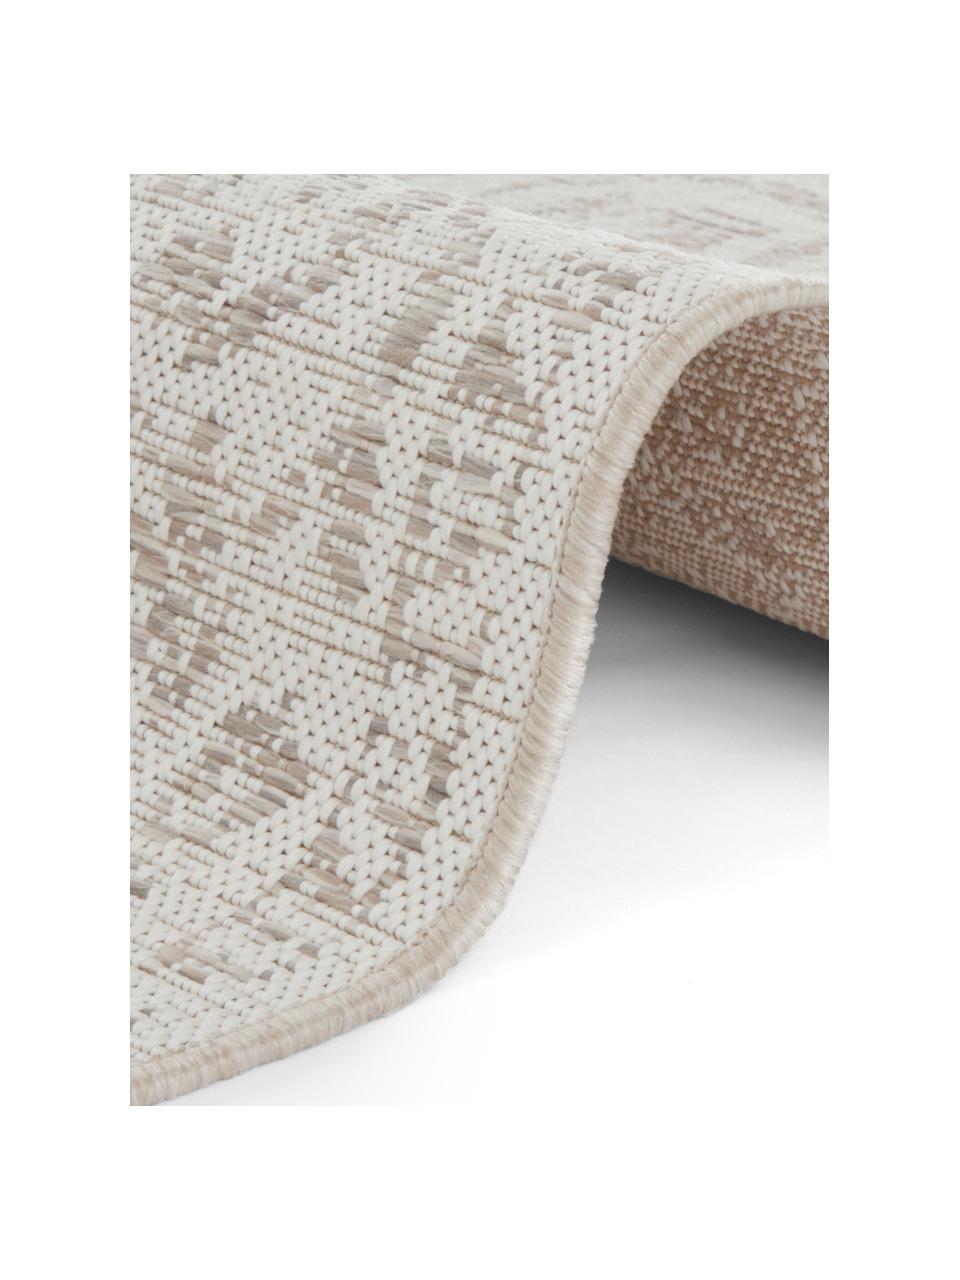 In- & Outdoor-Teppich Tilos im Vintage Style, 100% Polypropylen, Creme , Beige, B 160 x L 230 cm (Größe M)